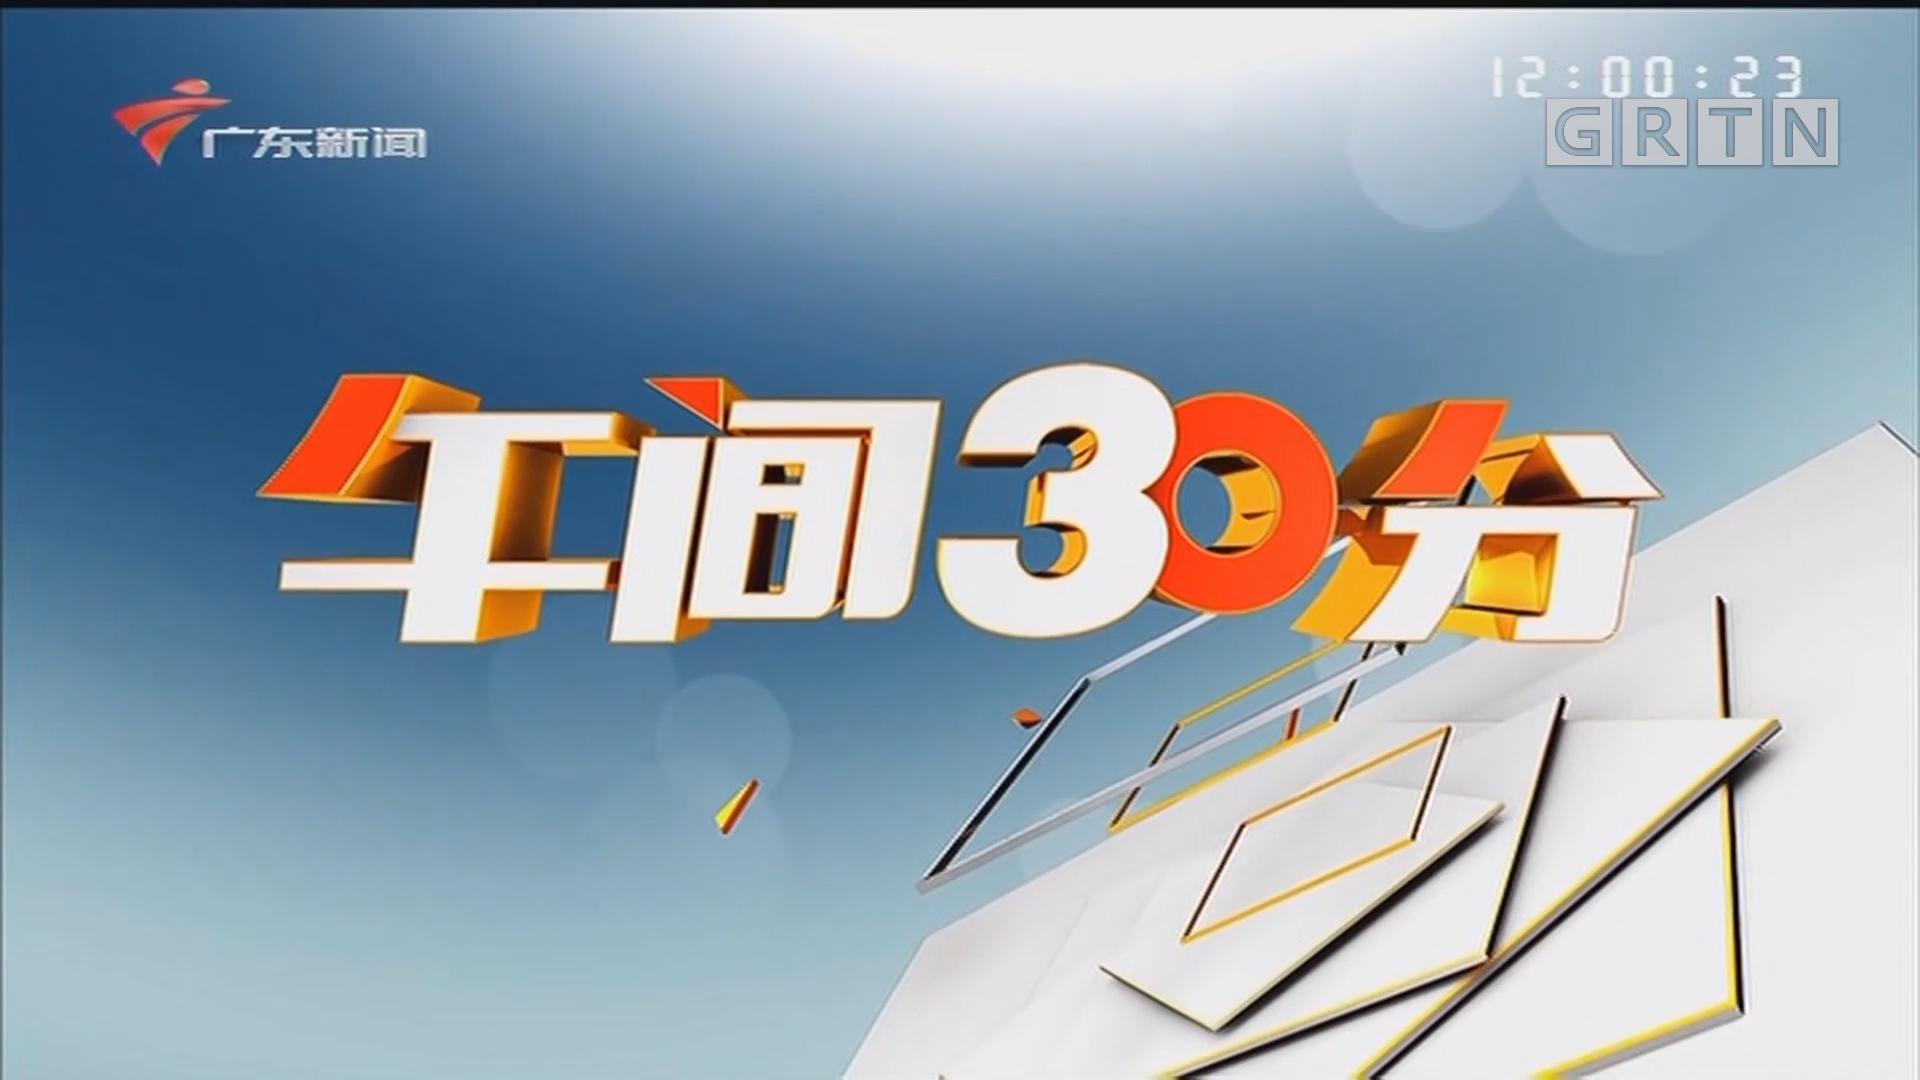 [HD][2020-02-21]午間30分:中新社 國家醫保局:確保新冠肺炎患者不因費用問題影響就醫